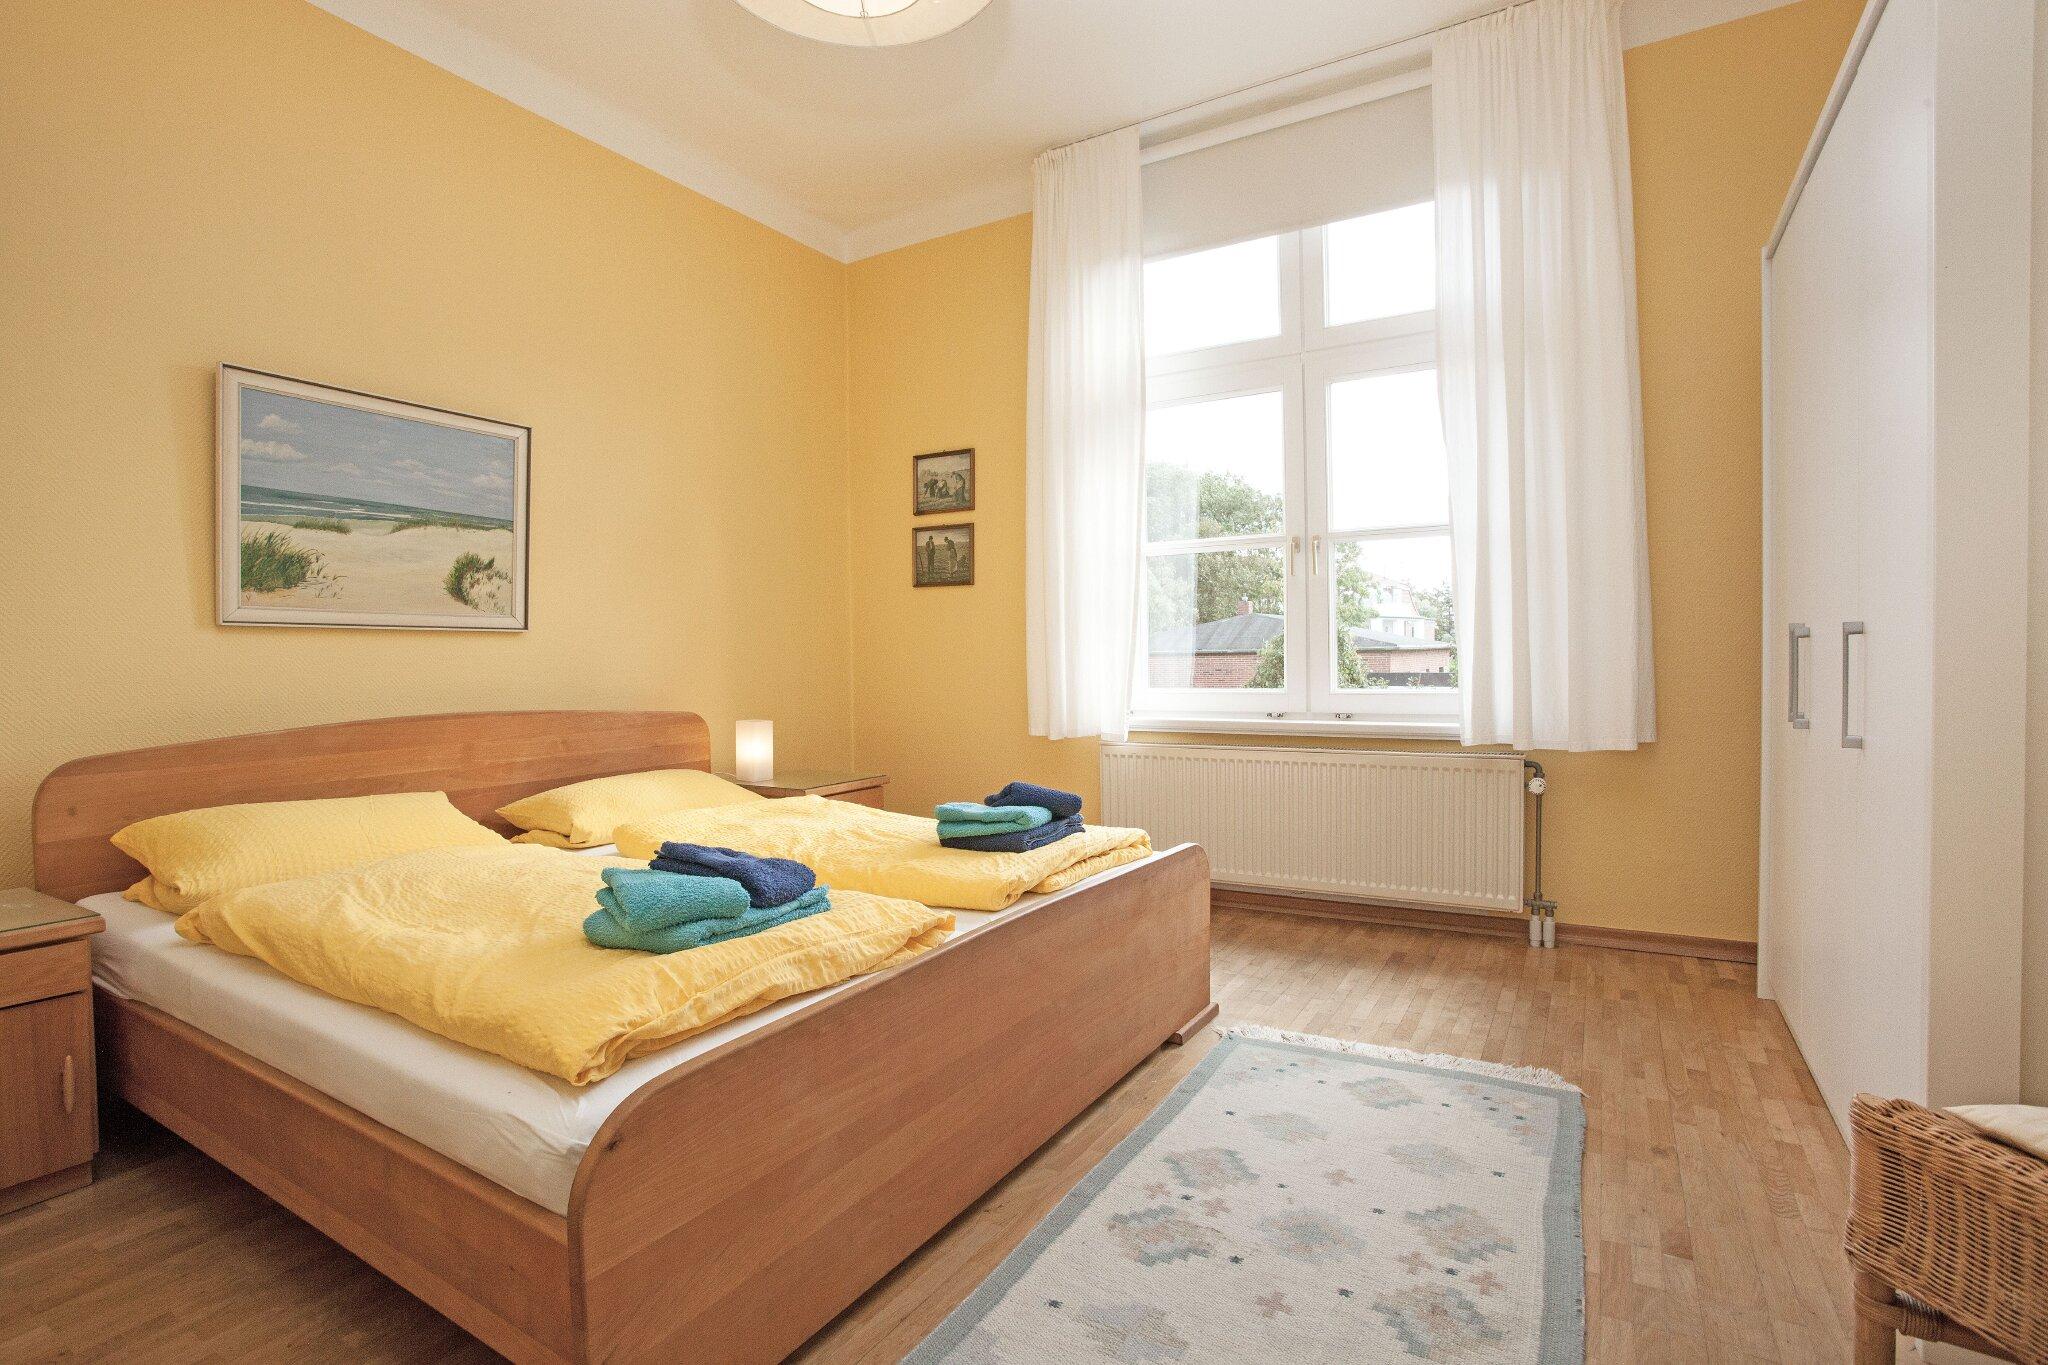 Schlafzimmer 1 mit Blick i.d. Garten